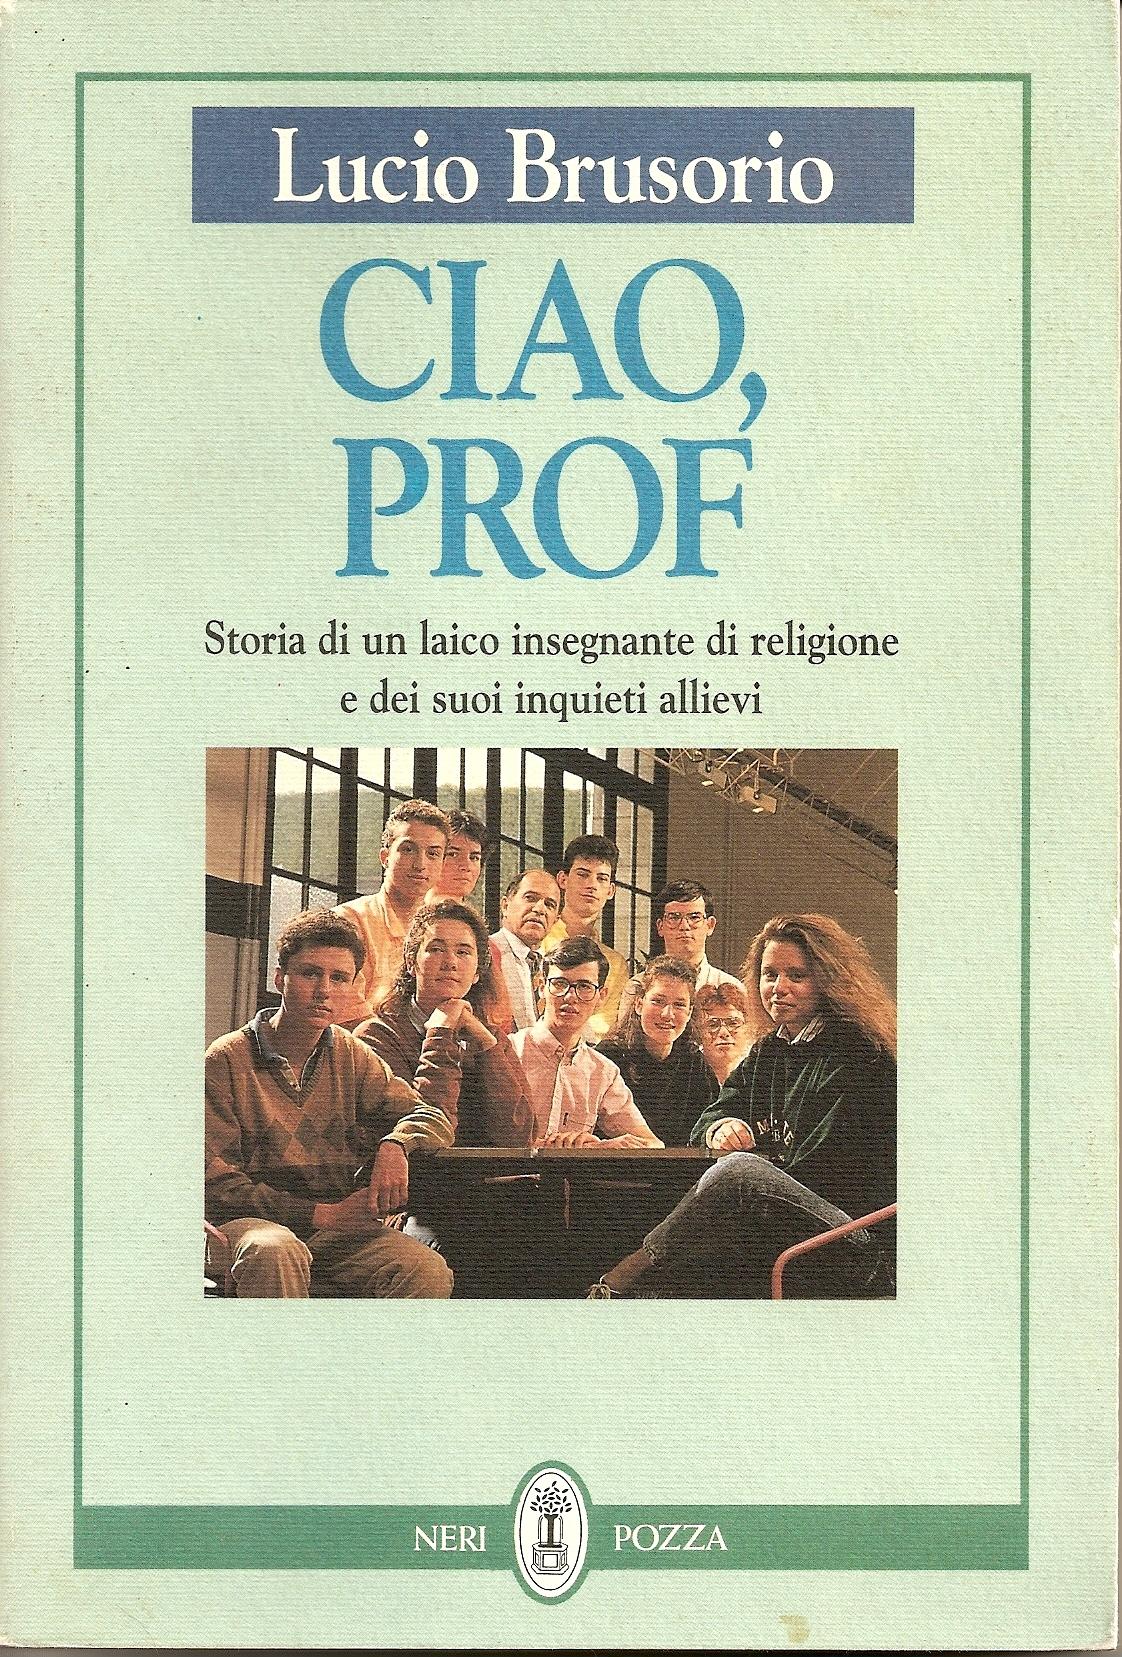 Ciao, prof